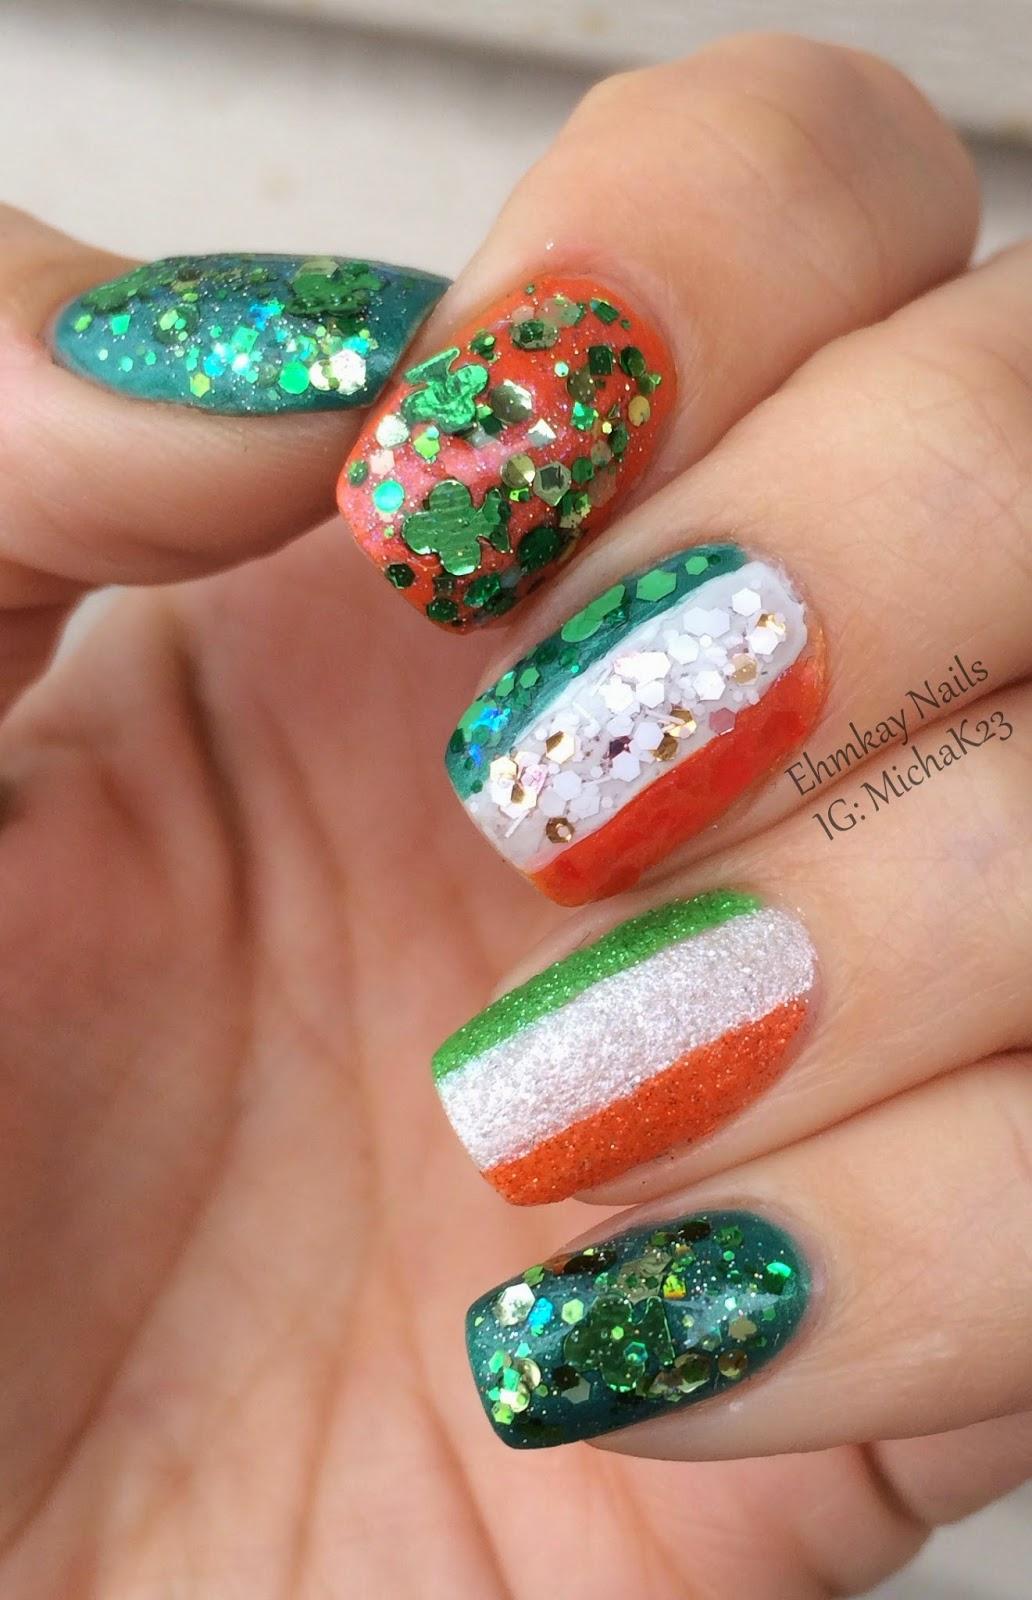 Ehmkay nails happy st patricks day nails ireland flag and st patricks day ireland nail art prinsesfo Gallery